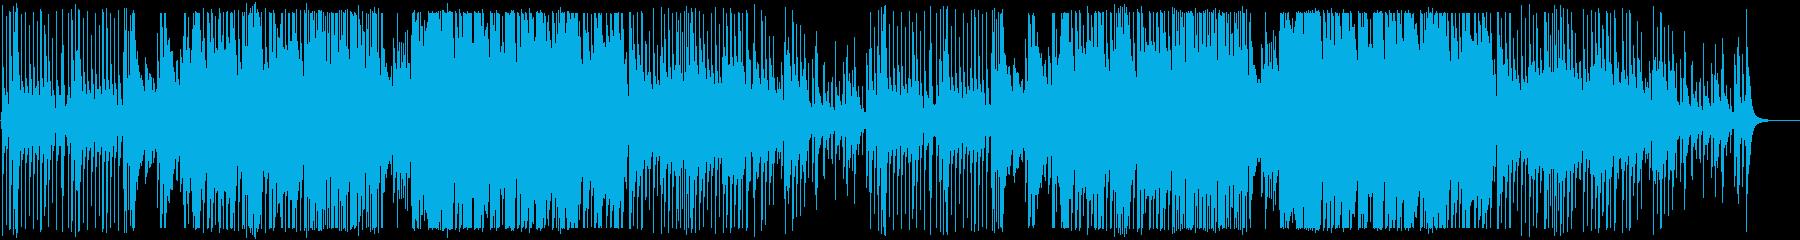 三味線と和太鼓のおしゃれでかっこいい和風の再生済みの波形